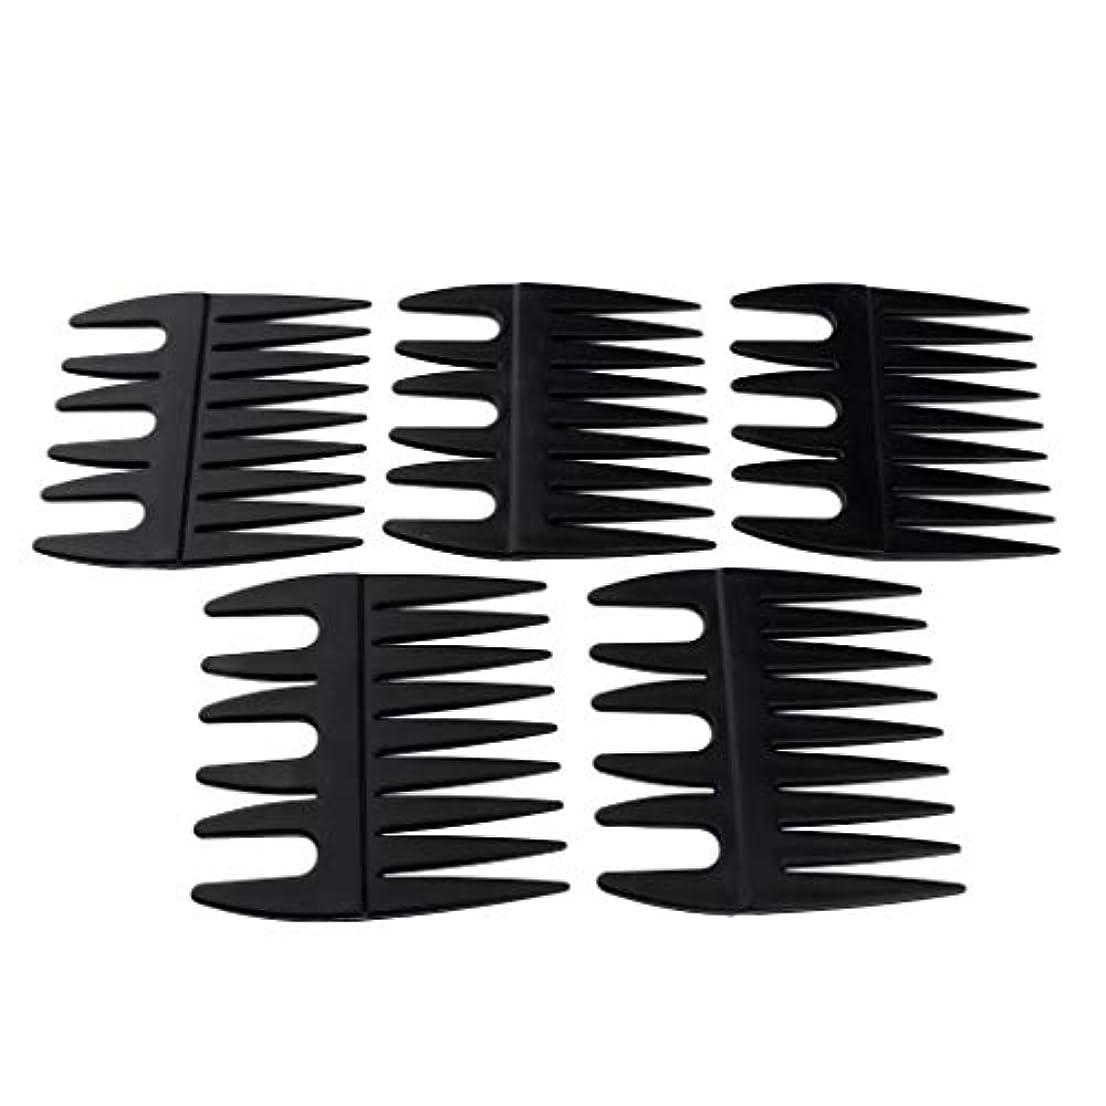 ドル防止提出する5個 ヘアコーム サロン ヘアピックコーム 染料 理髪 スタイリングブラシ 2-in-1